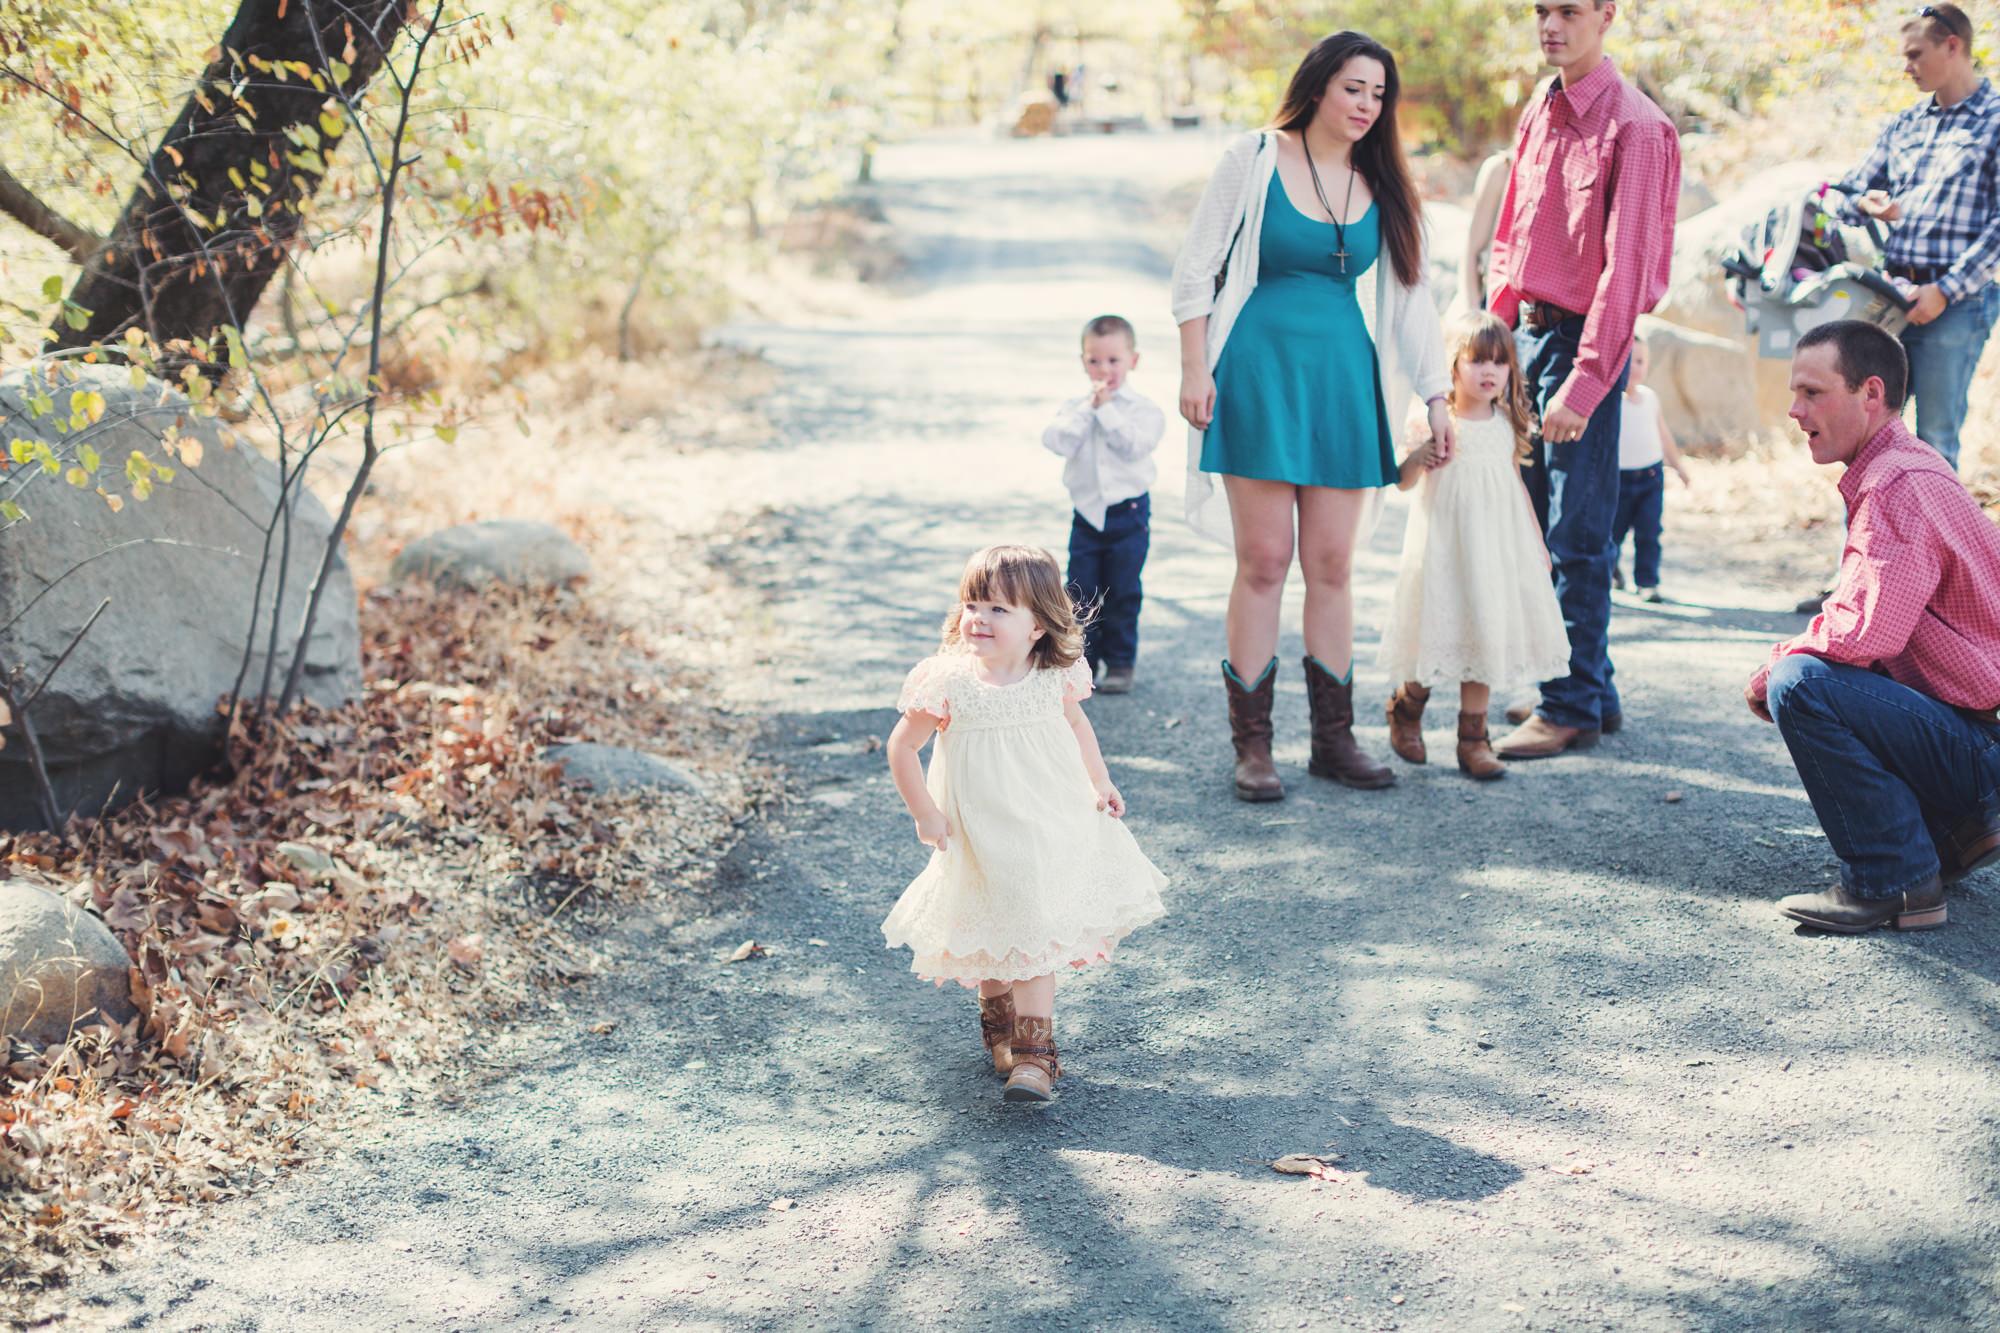 Rustic wedding in California ©Anne-Claire Brun 53